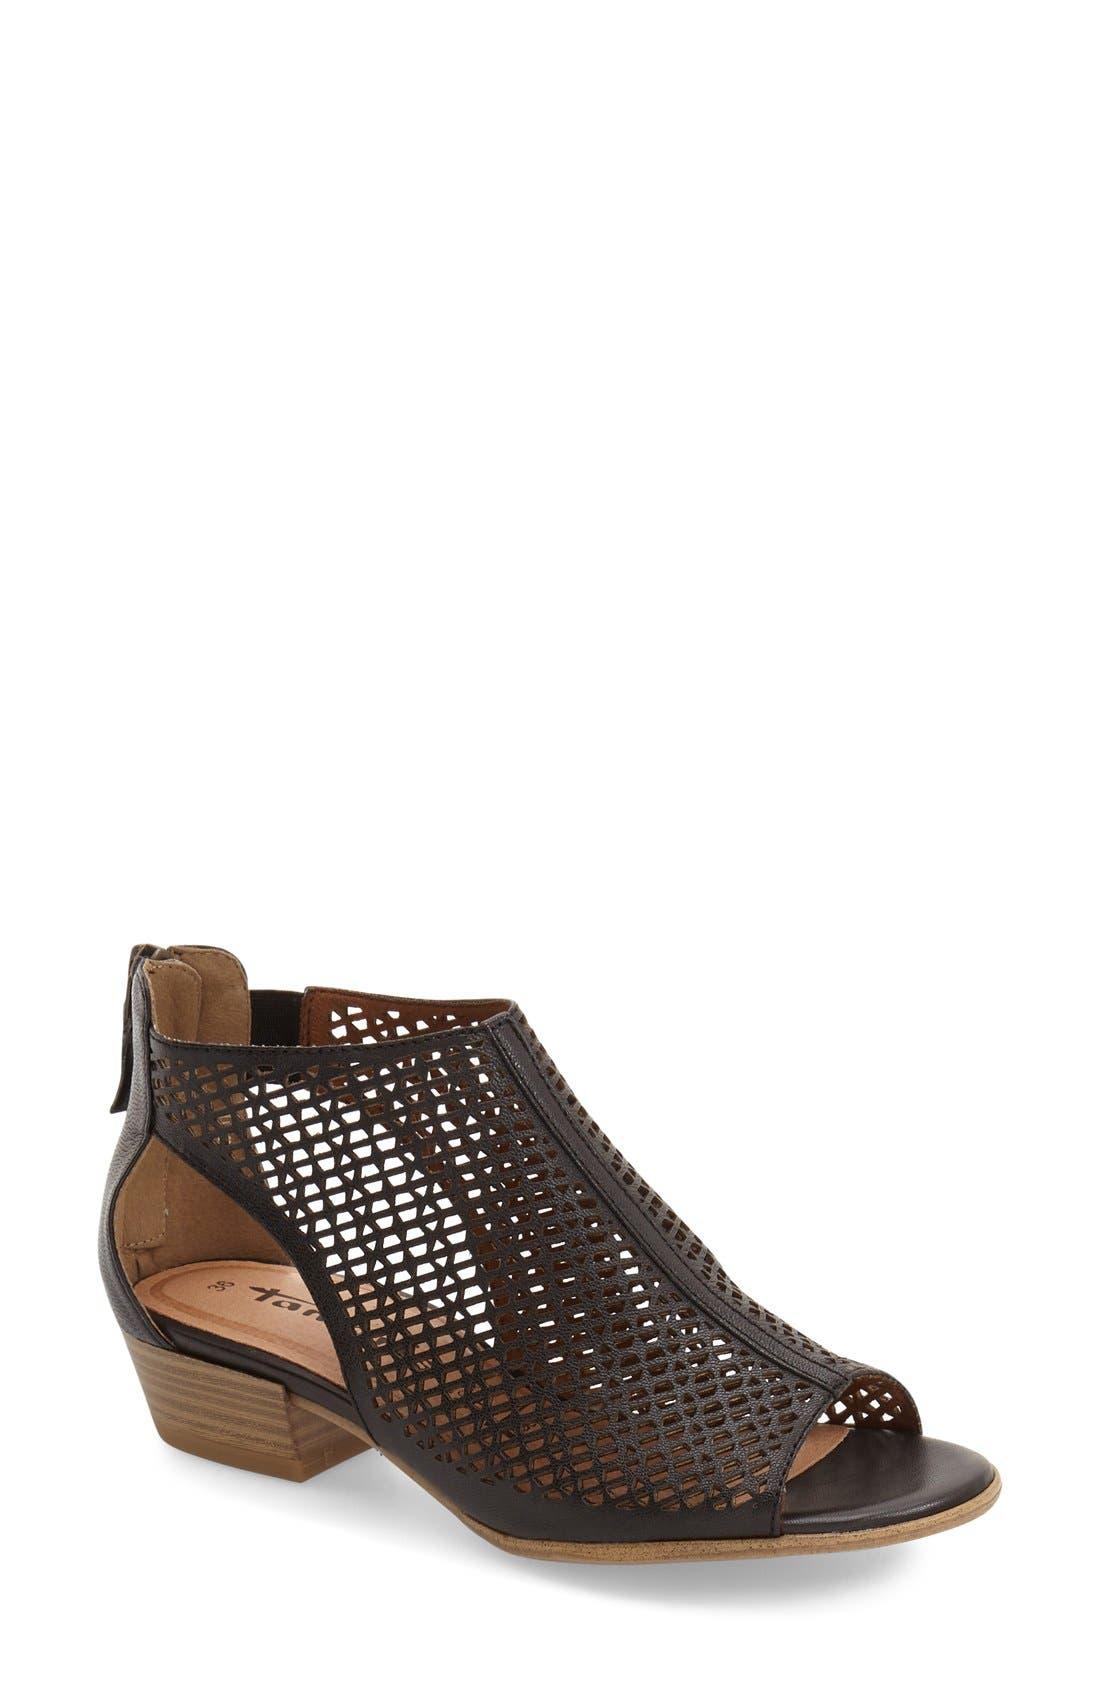 'Nao' Open Toe Sandal,                         Main,                         color, 001